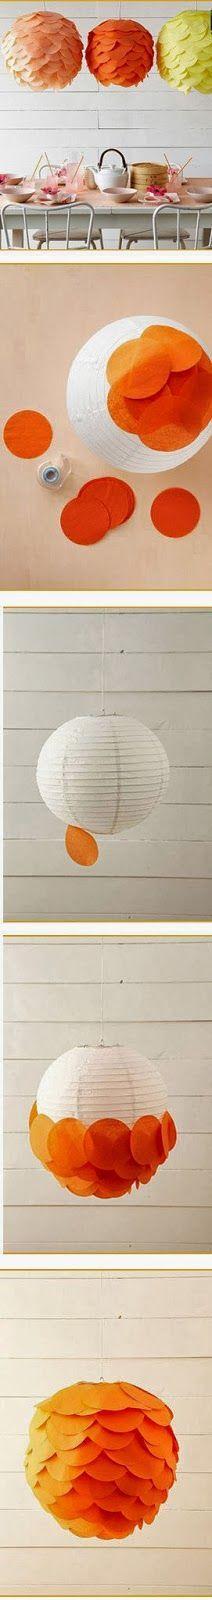 L'idée DIY : Fabriquer une suspension à l'aide de gros confettis. - Making a suspension with big confetti.